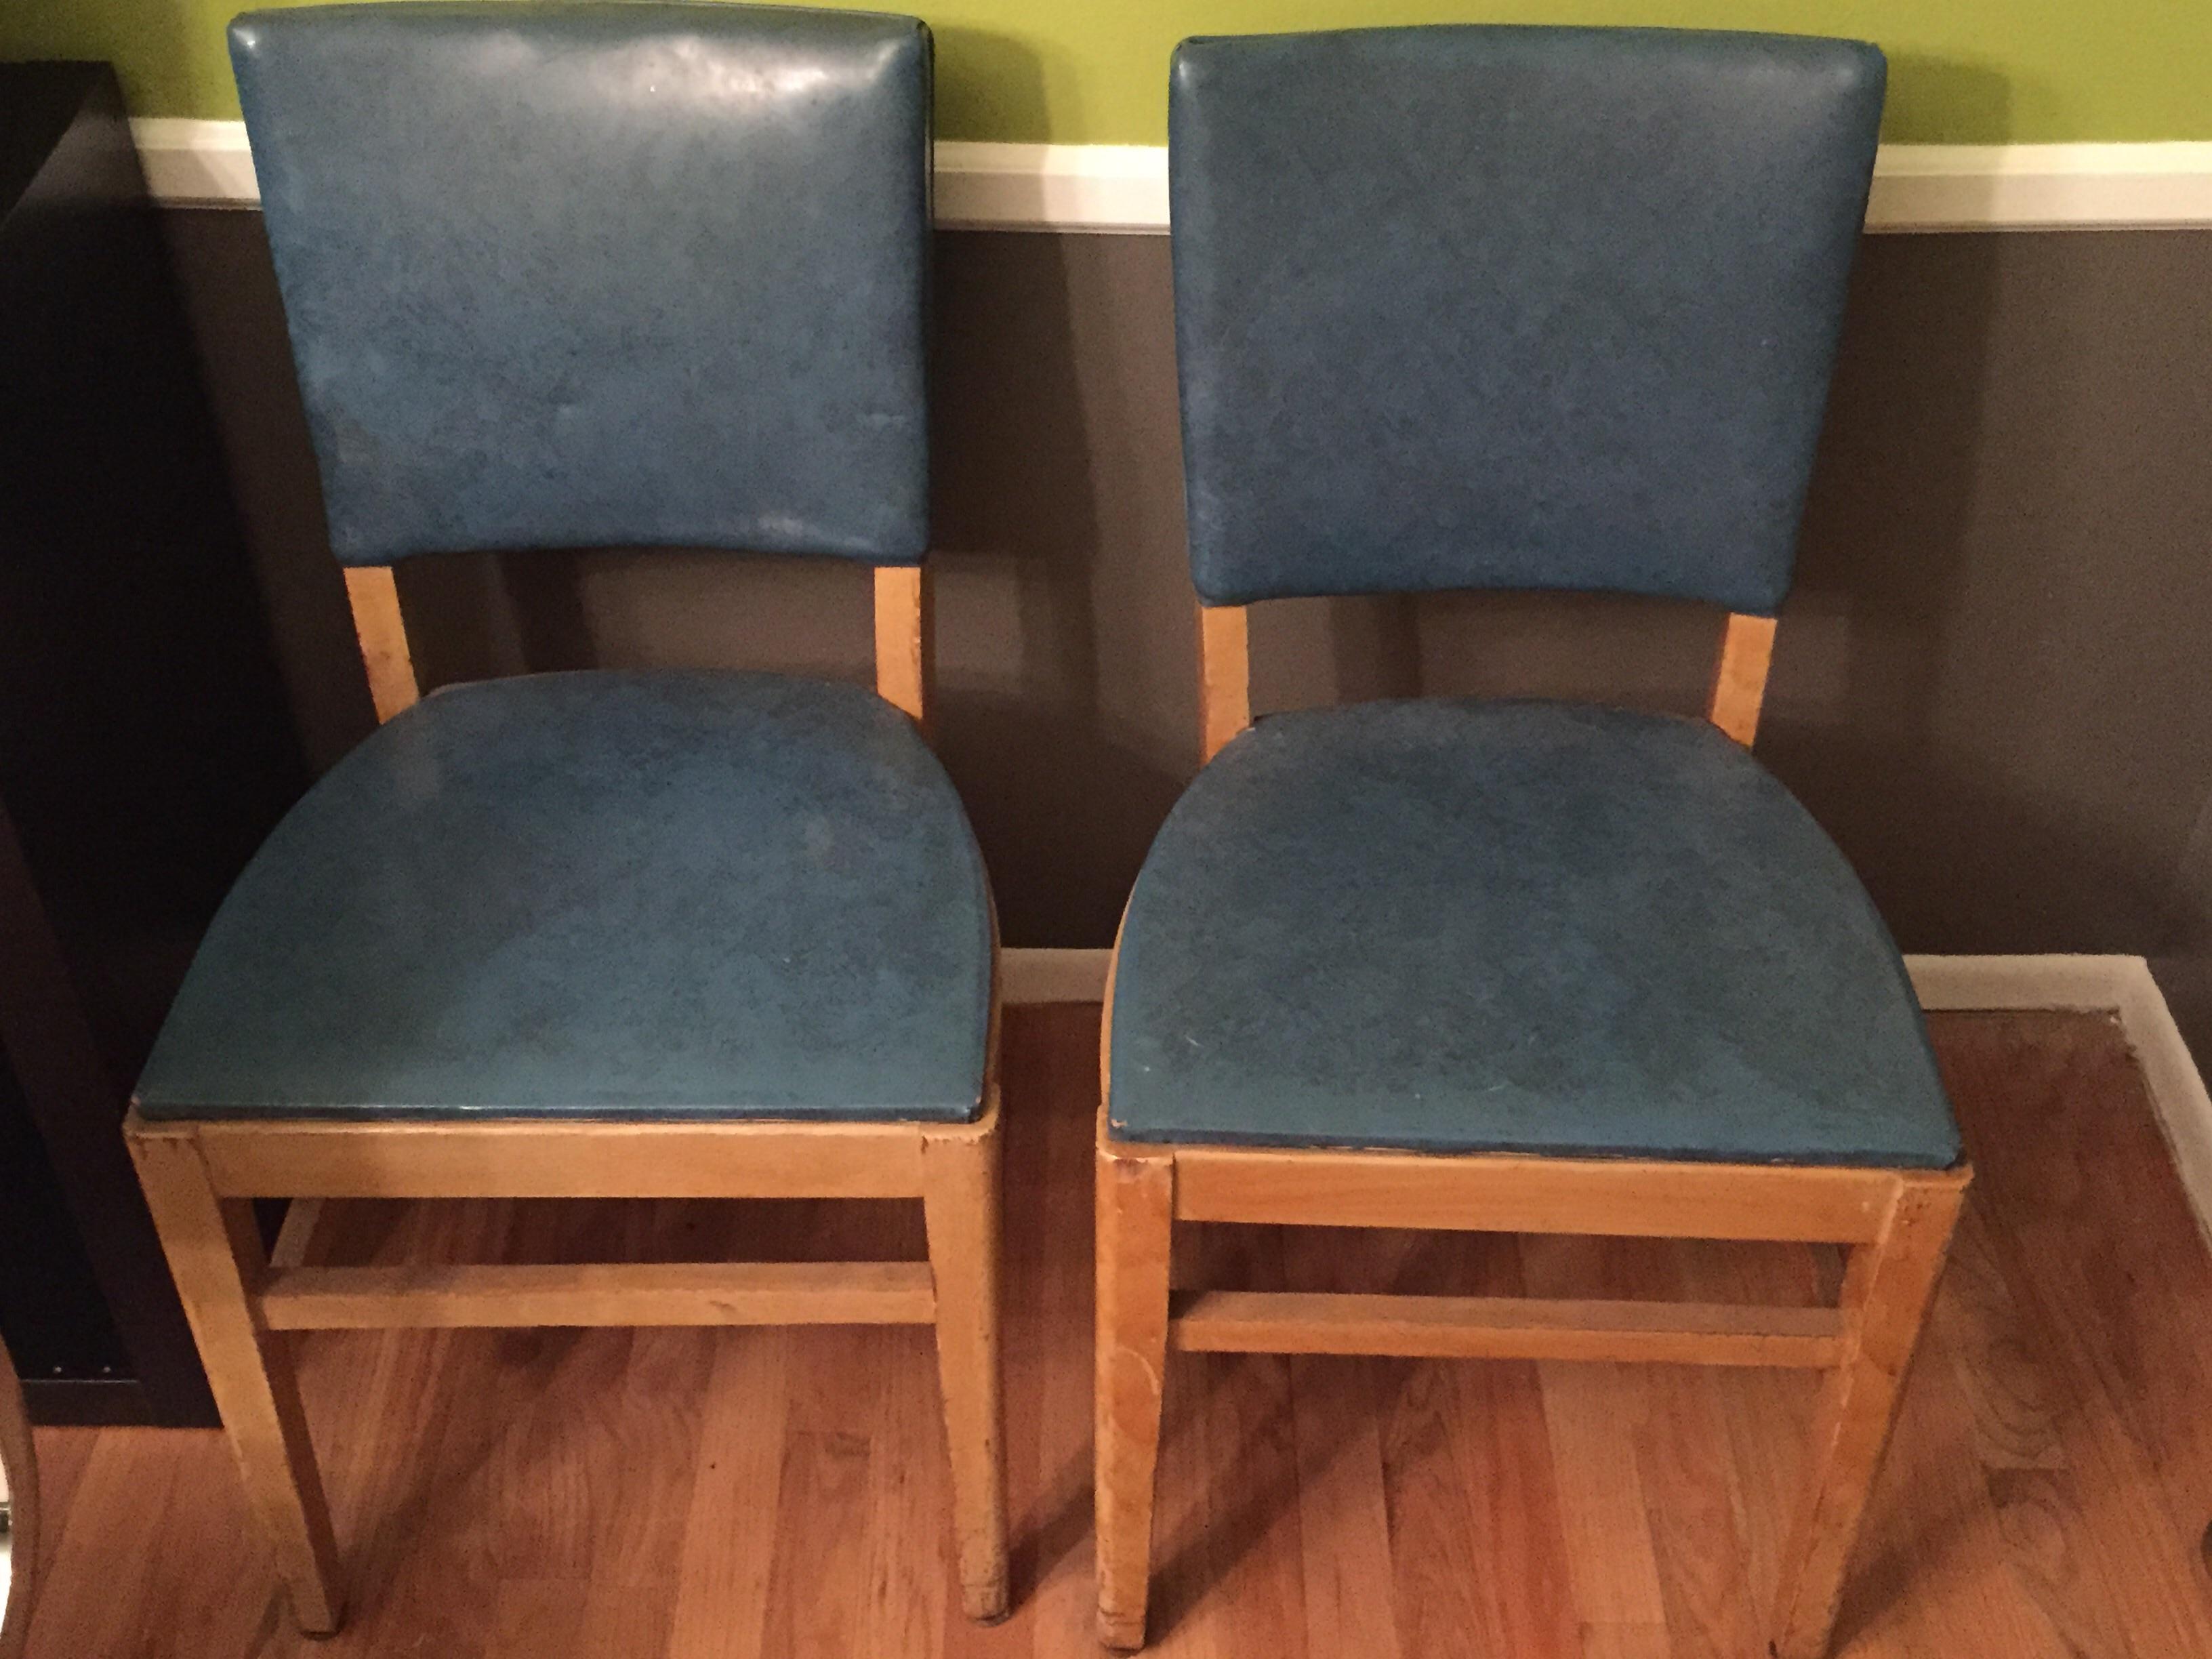 Retro chair antique appraisal